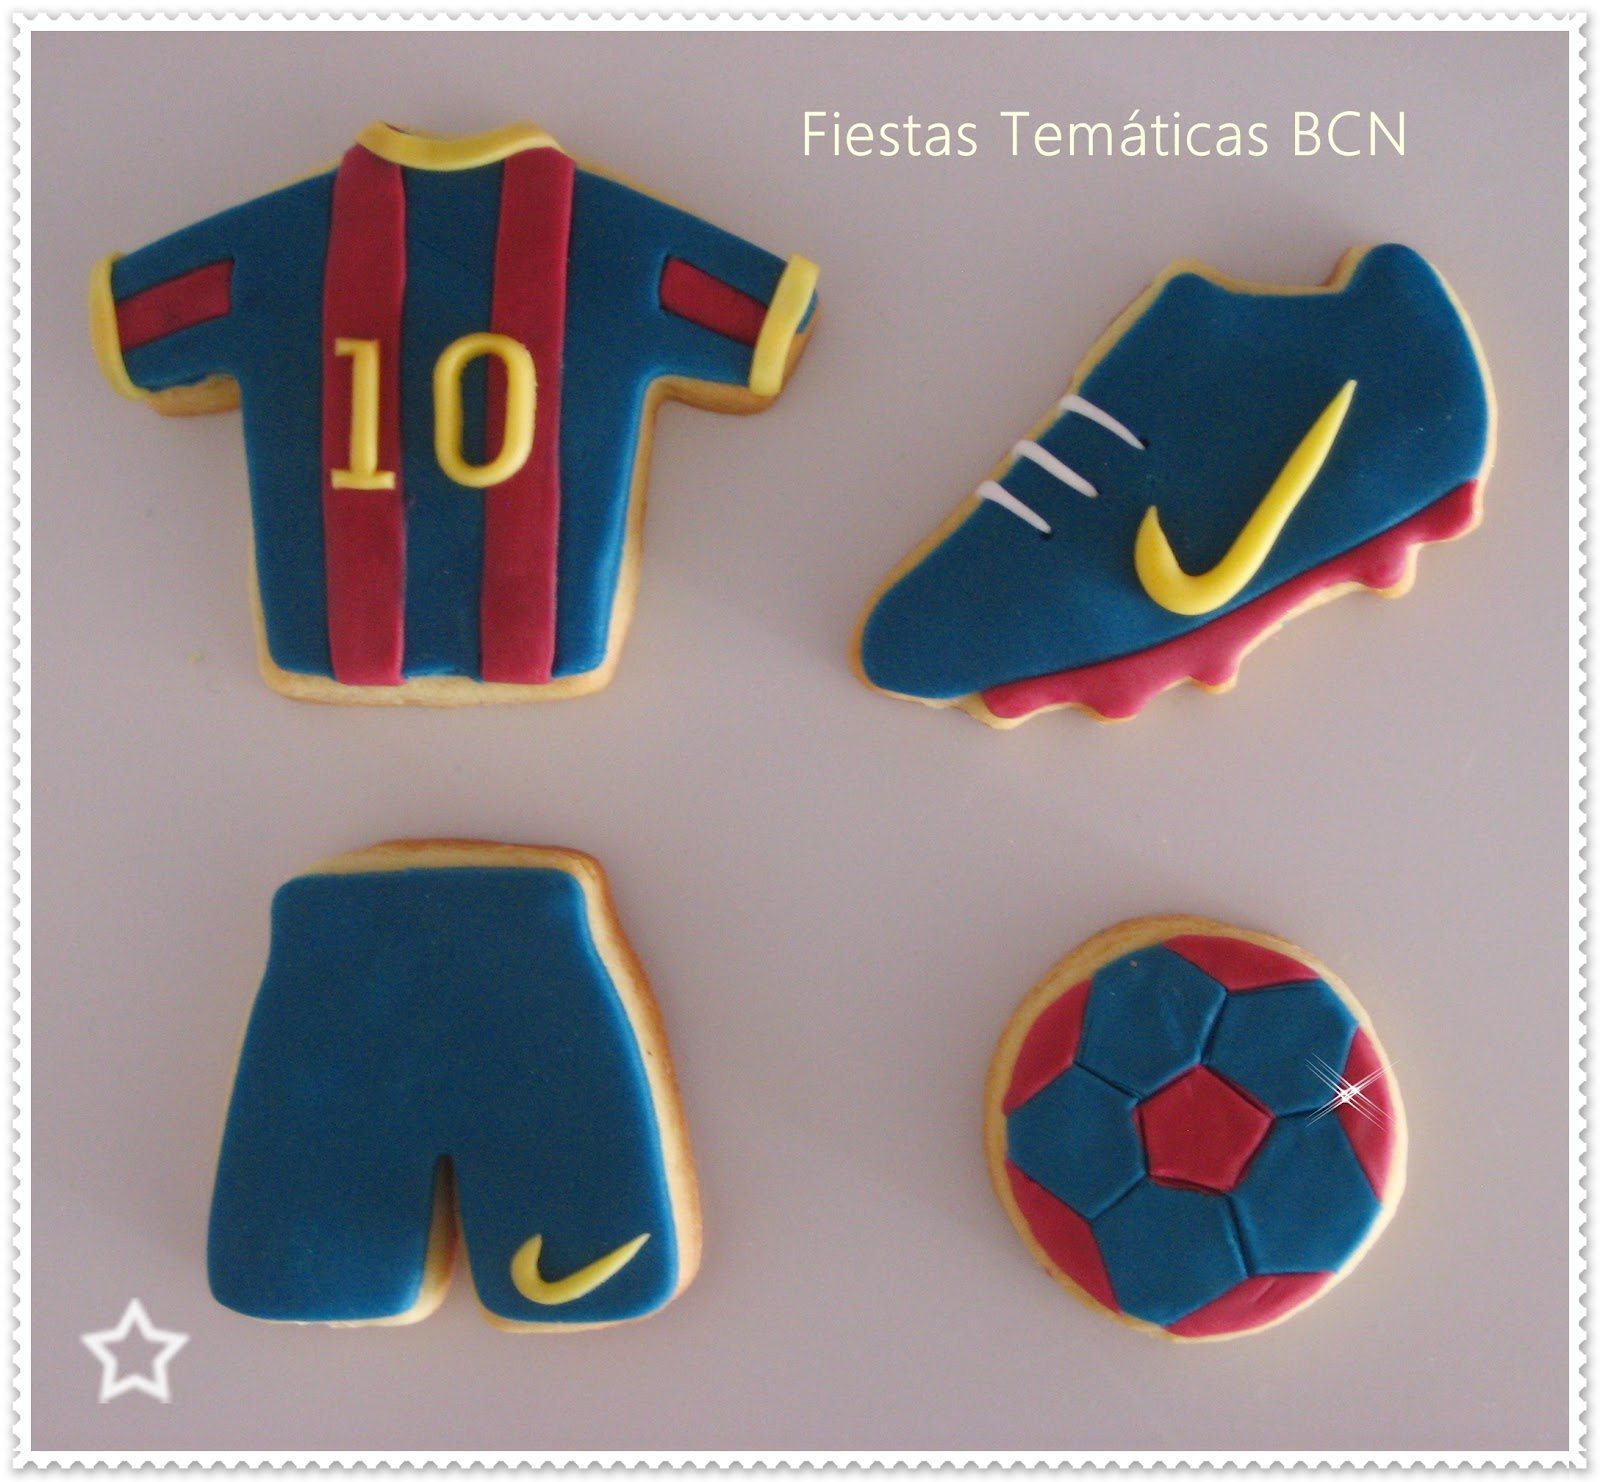 Fiestas tem ticas bcn kits de fiesta imprimibles galletas for Fiestas tematicas bcn